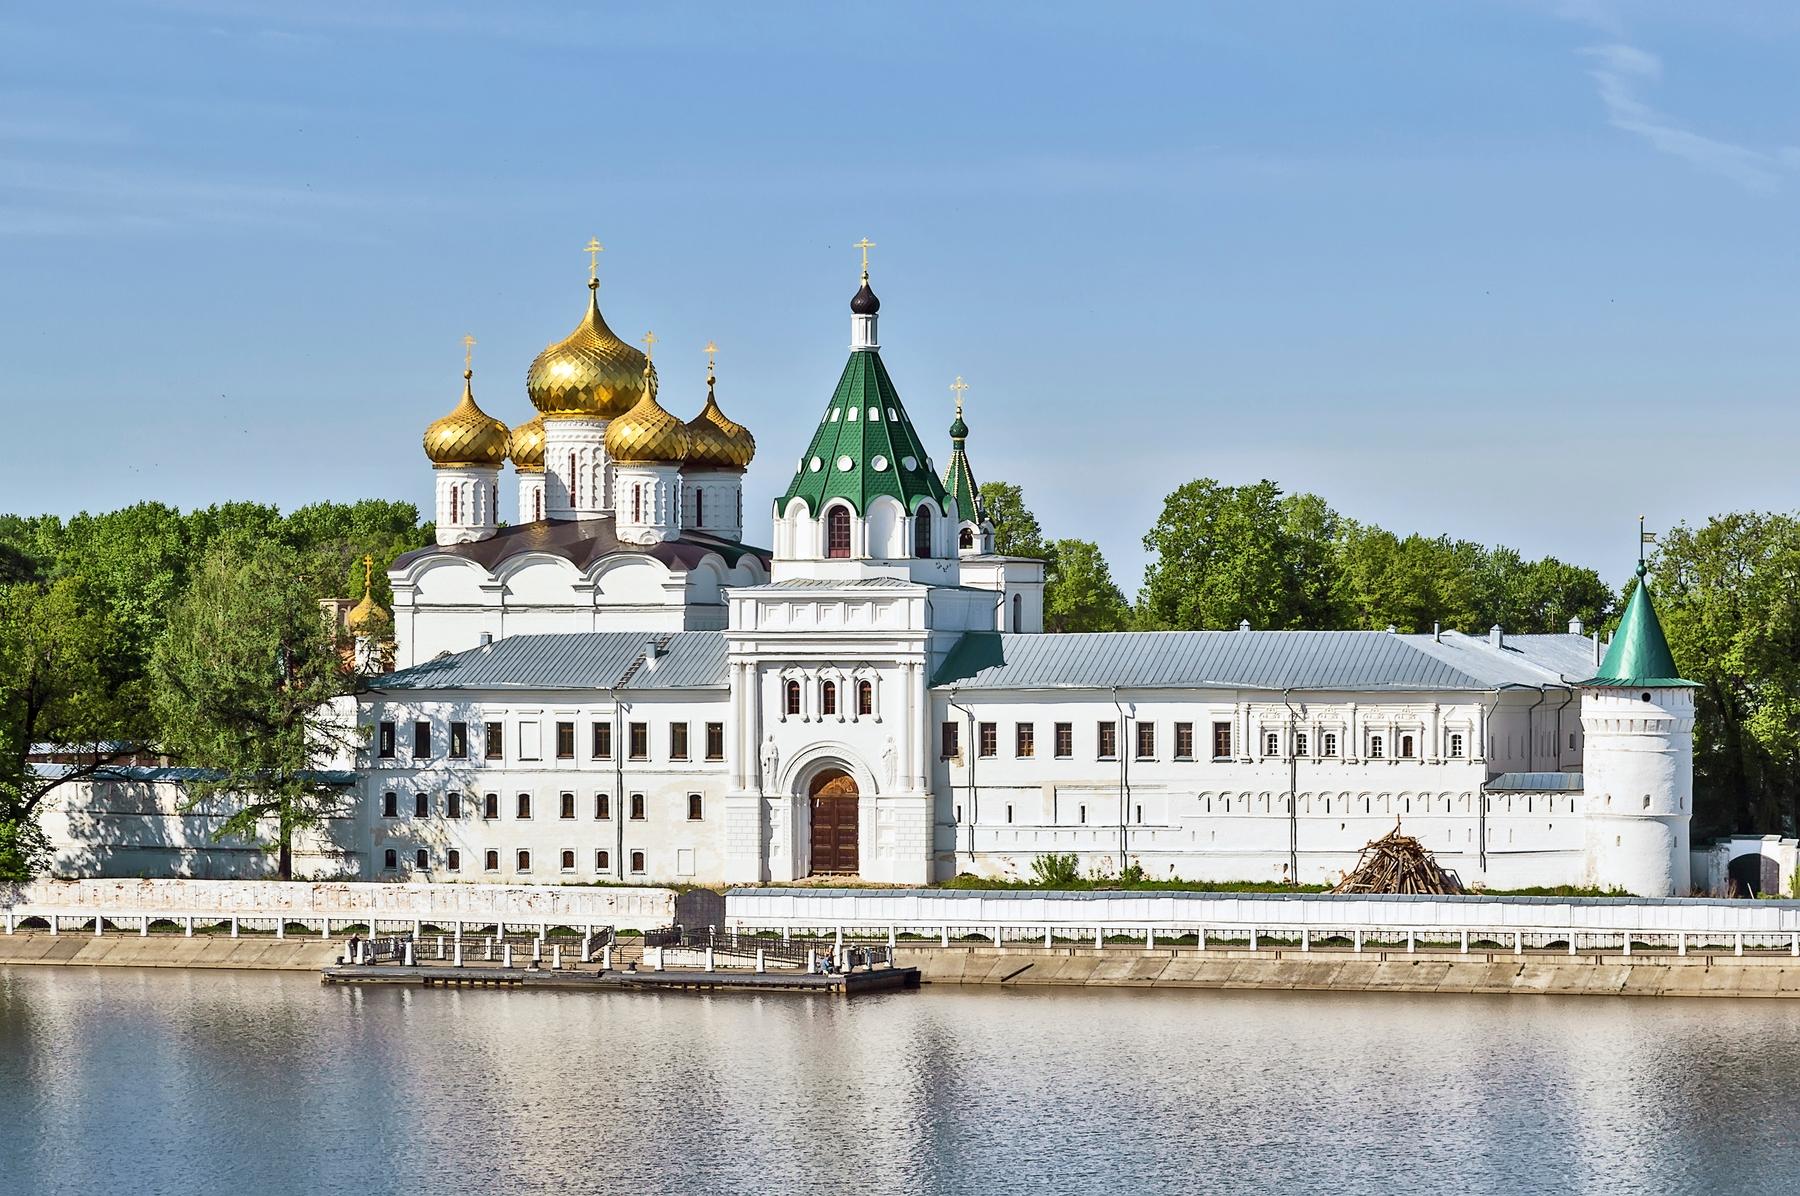 Взгляните на фотографию Ипатьевского монастыря в Костроме и вопрос Куда поехать на День России отпадет сам собой